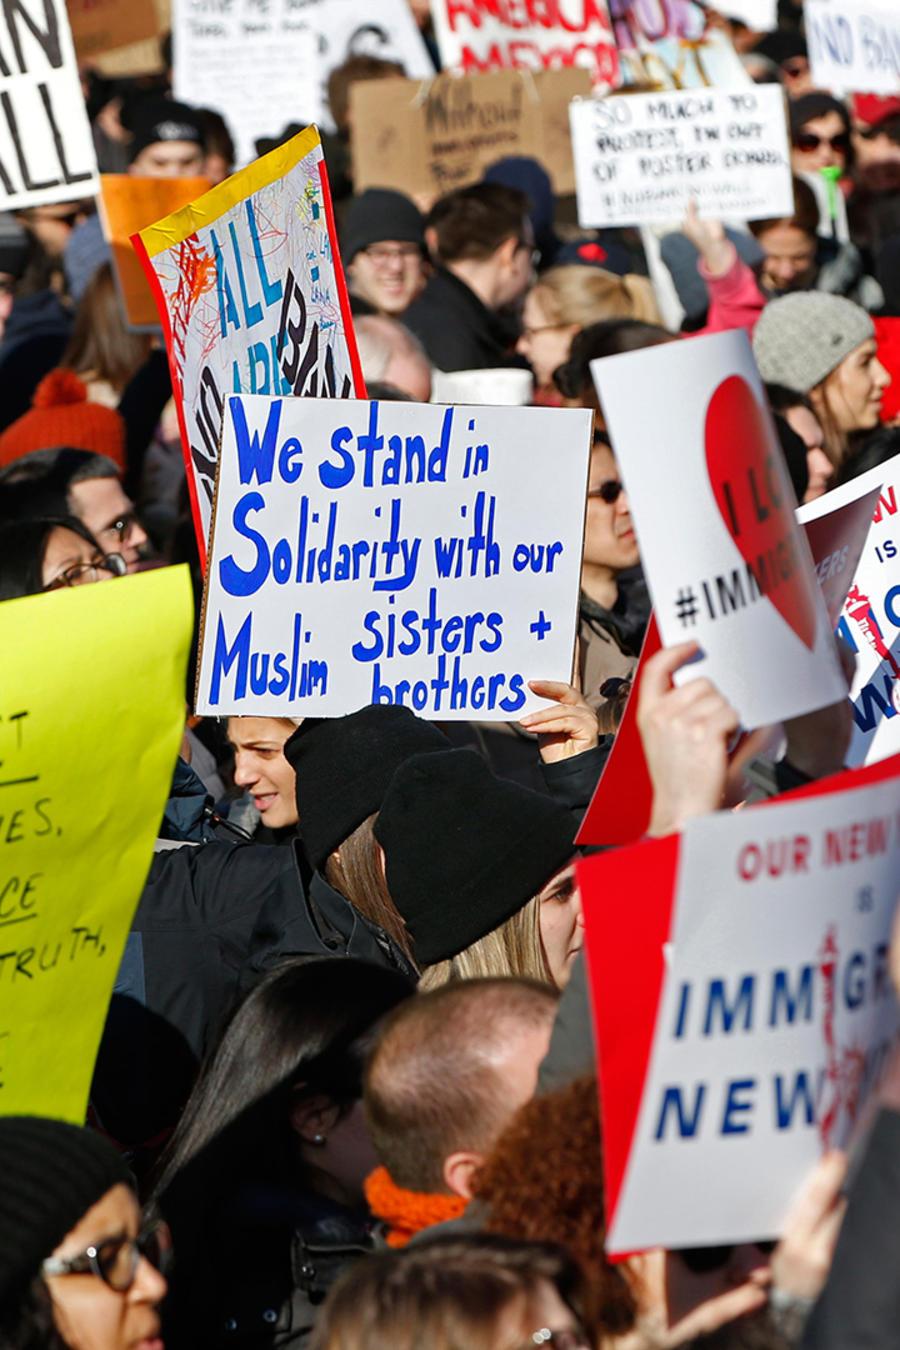 Manifestantes protestan en New York contra el veto migratorio de Donald Trump